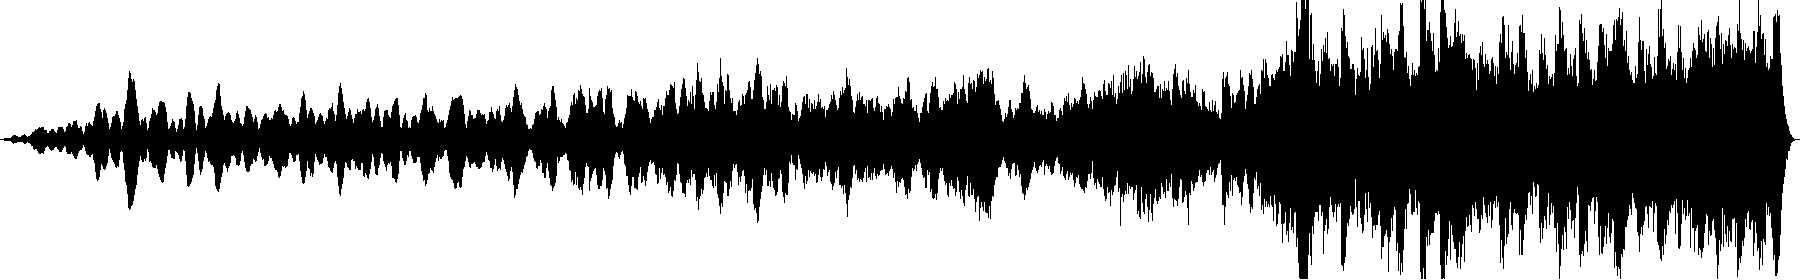 track waveform